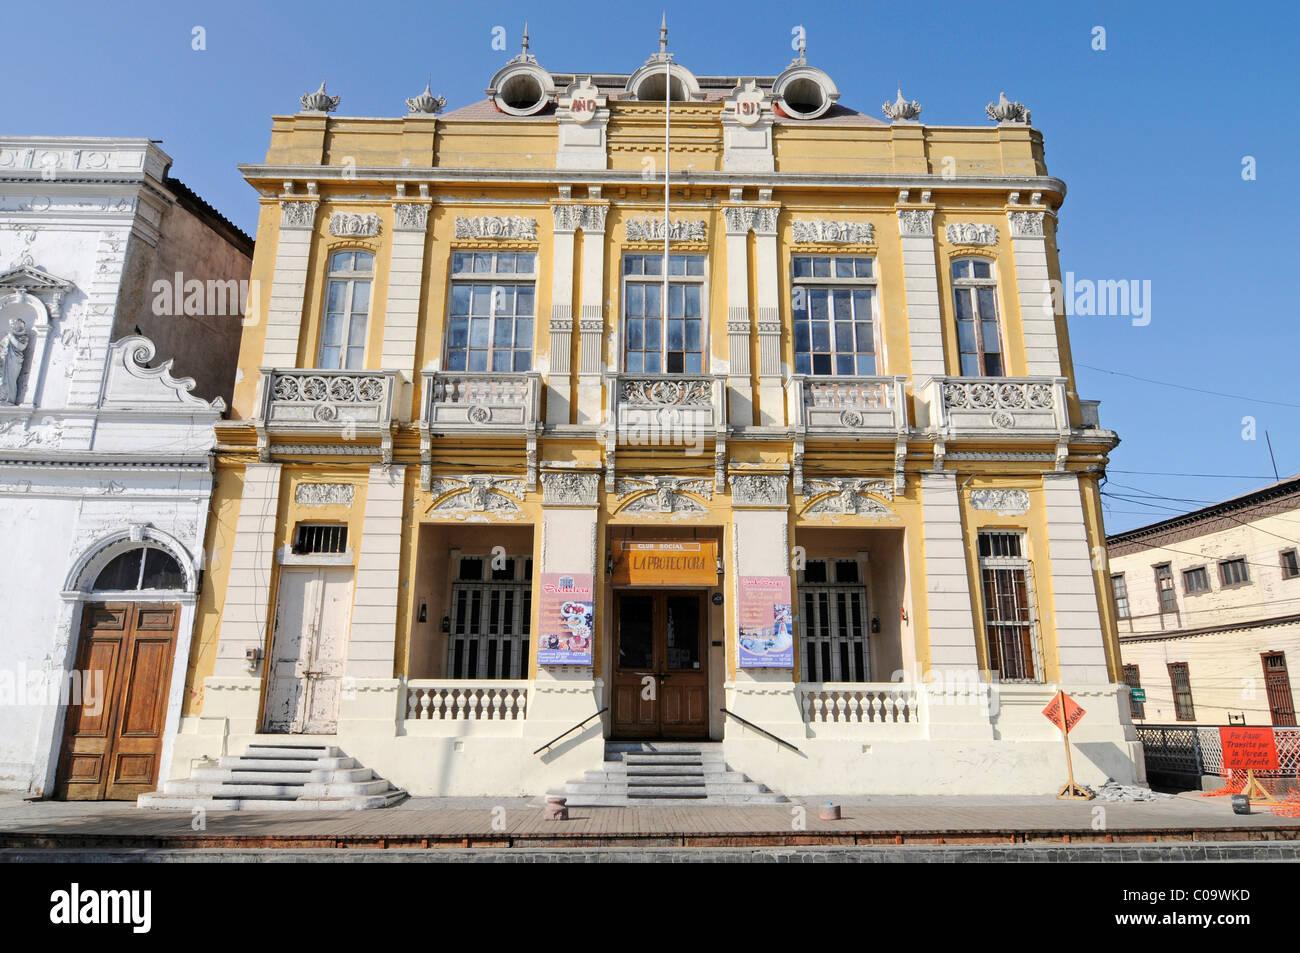 Historic building, Plaza Arturo Prat square, Iquique, Norte Grande, Northern Chile, Chile, South America - Stock Image